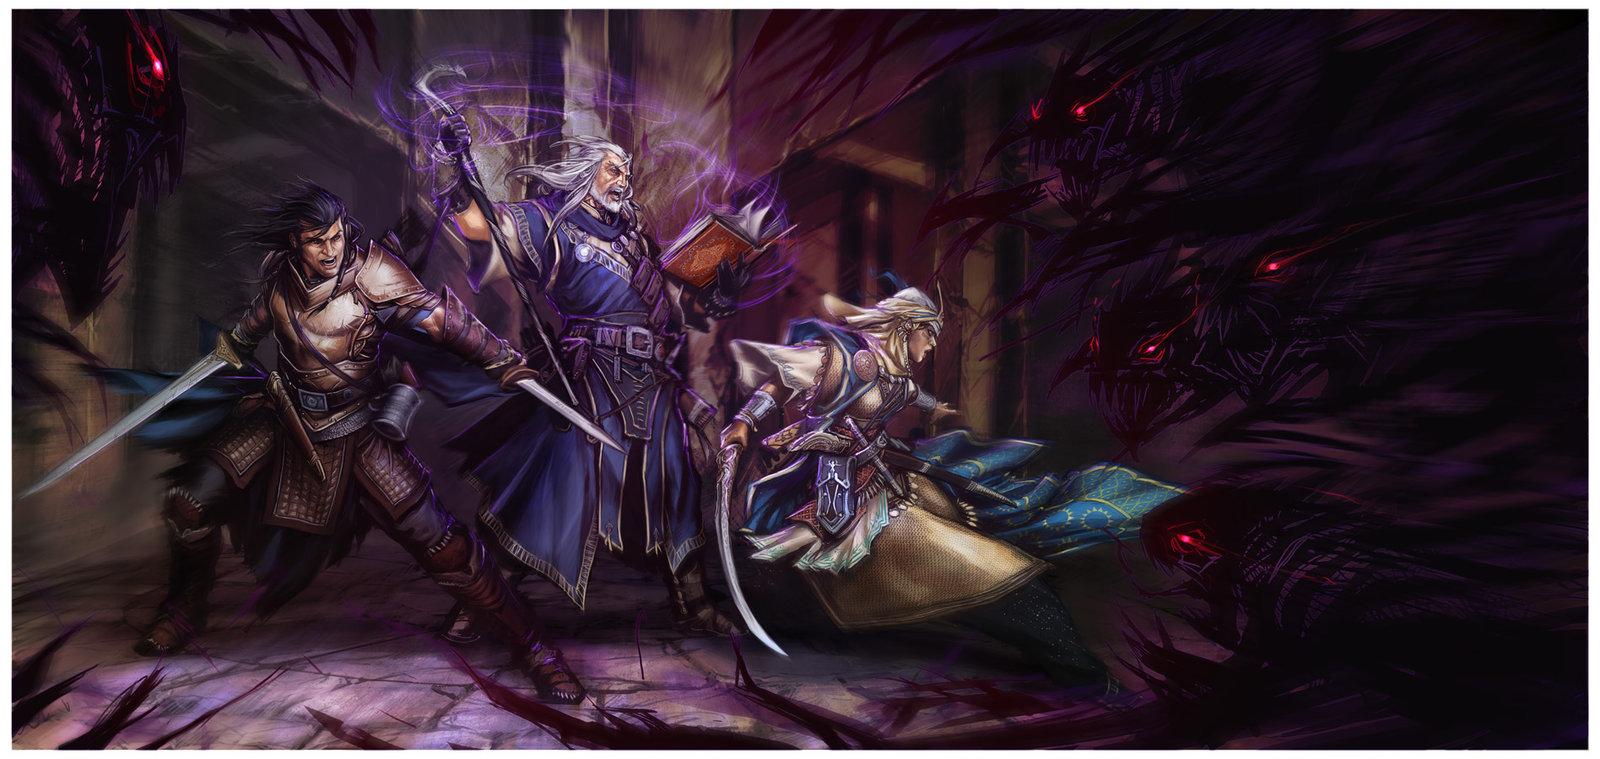 Image du jeu Pathfinder 2 : Discussion autour du monde de Golarion + Création de personnages